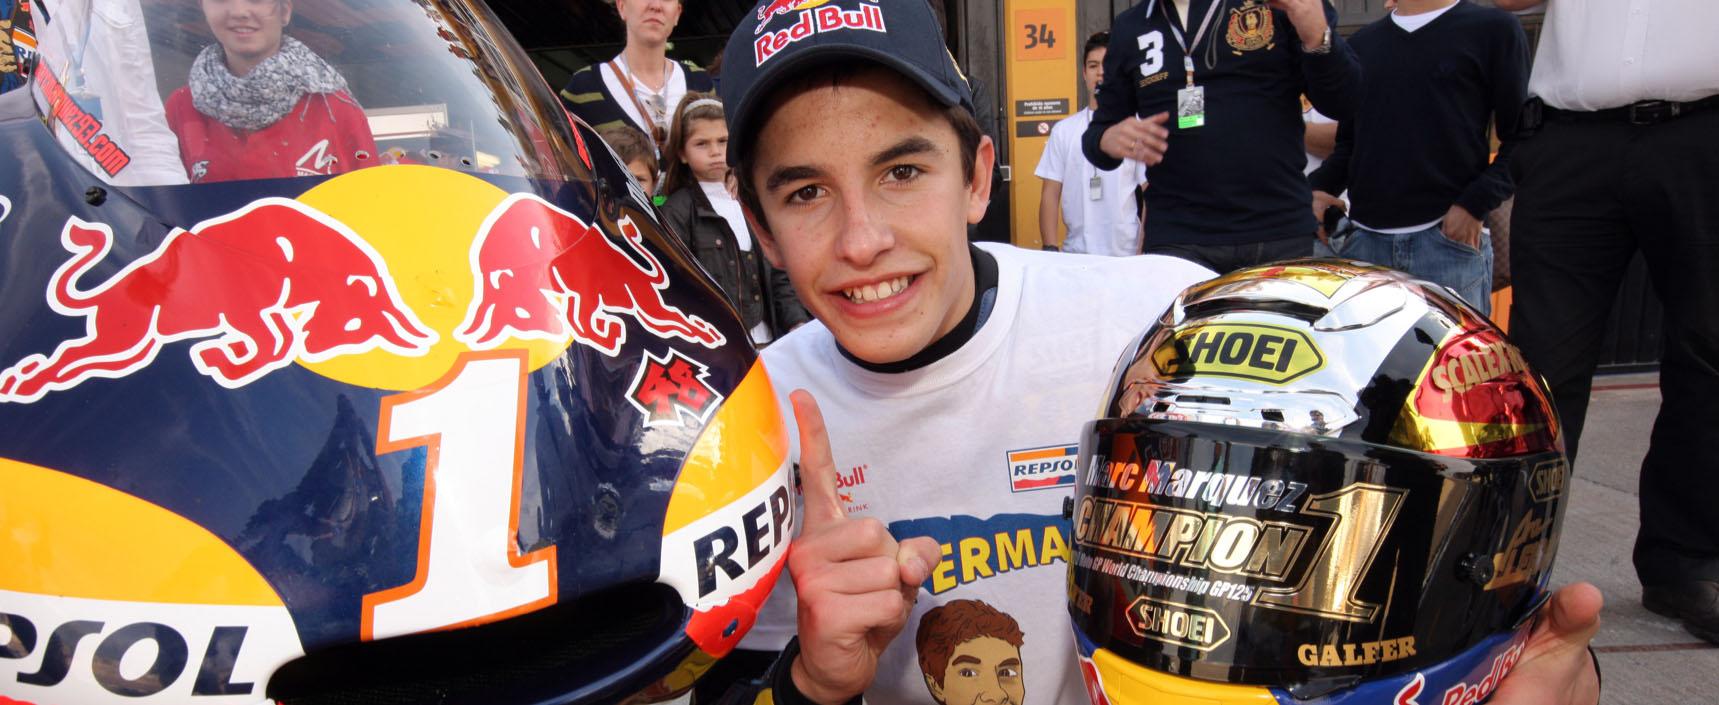 Marc Márquez se proclamó en Mugello campeón del mundo en la categoría de 125 cc